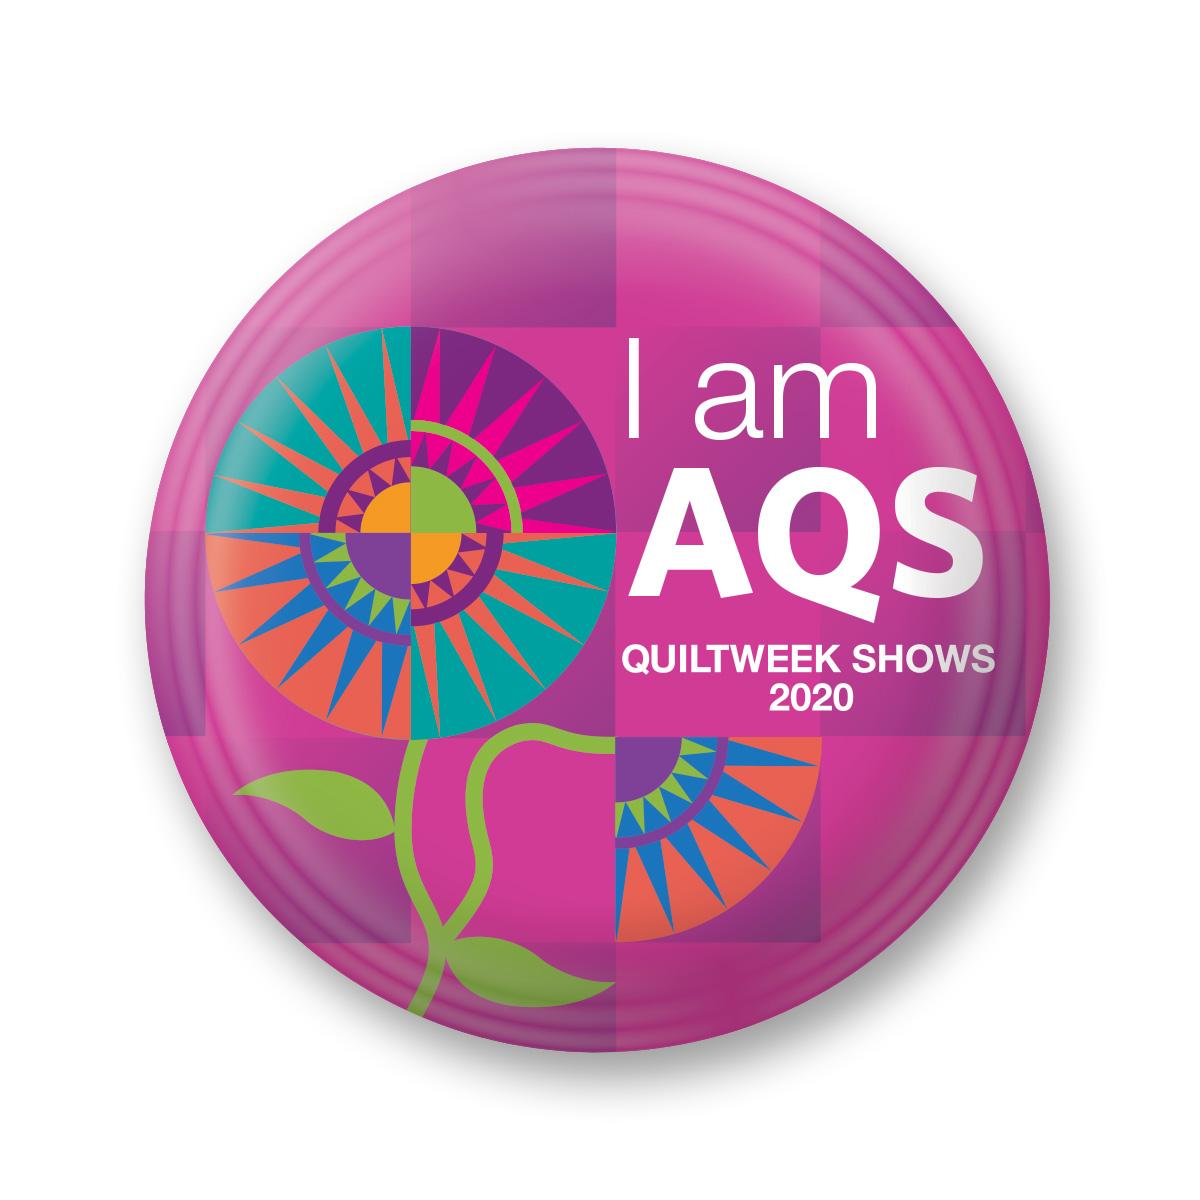 aqs-2020-button (1)